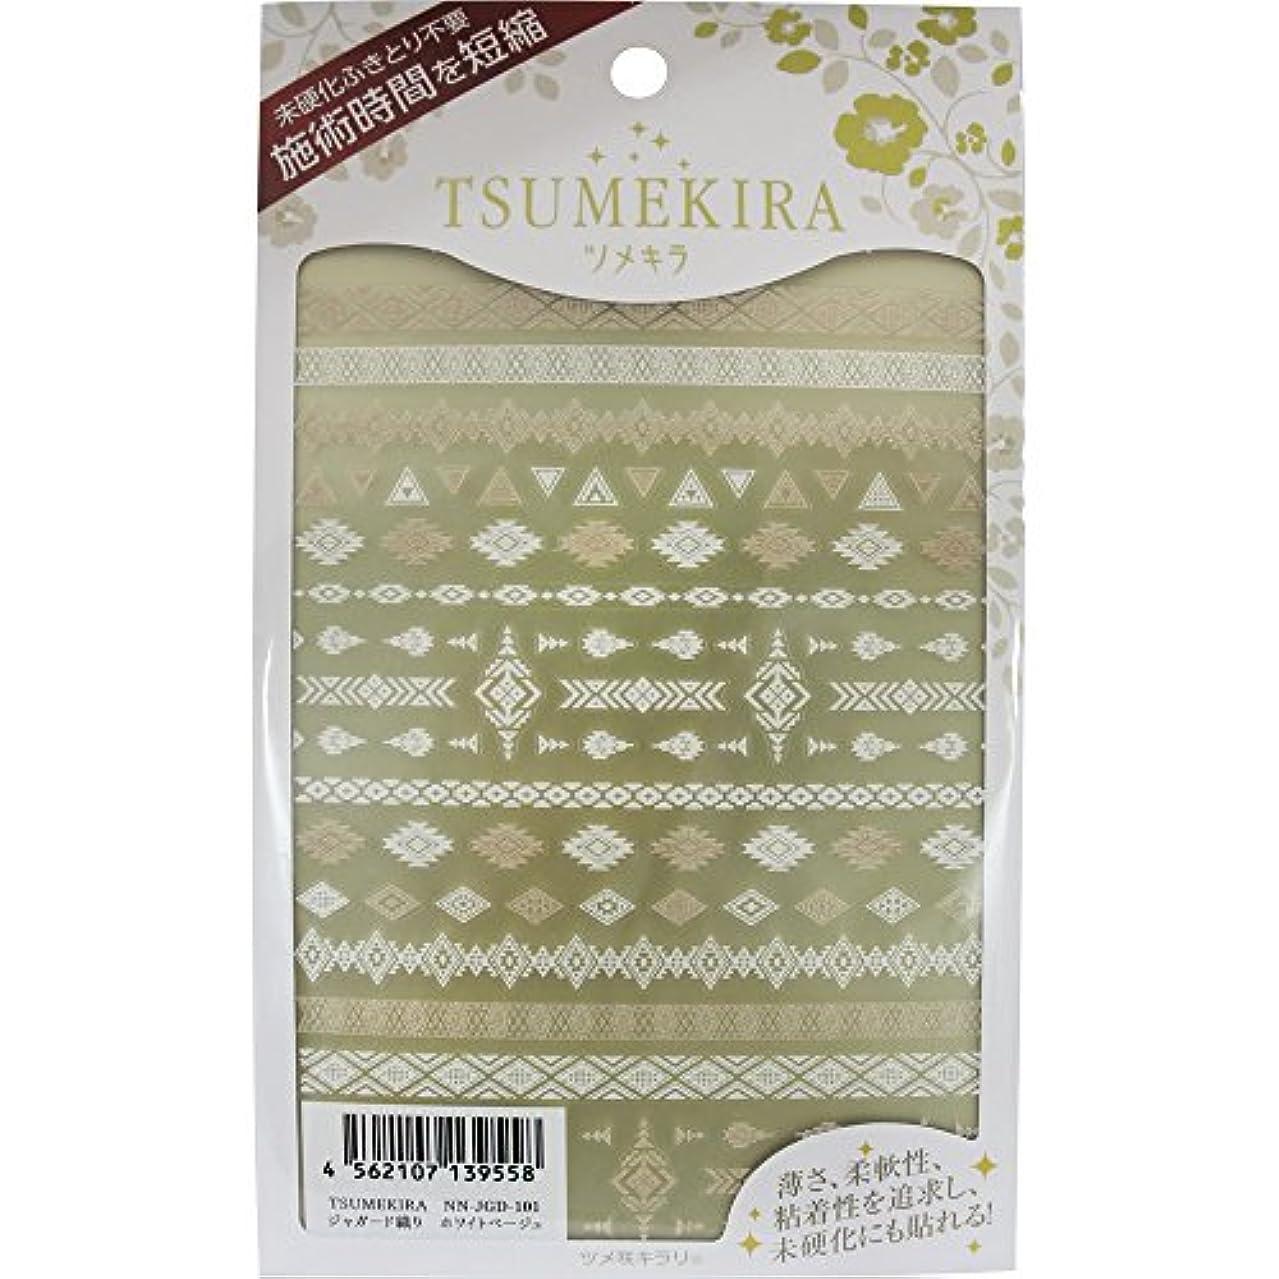 ゲーム誤解を招く形ツメキラ(TSUMEKIRA) ネイル用シール ジャガード織り ホワイトベージュ NN-JGD-101